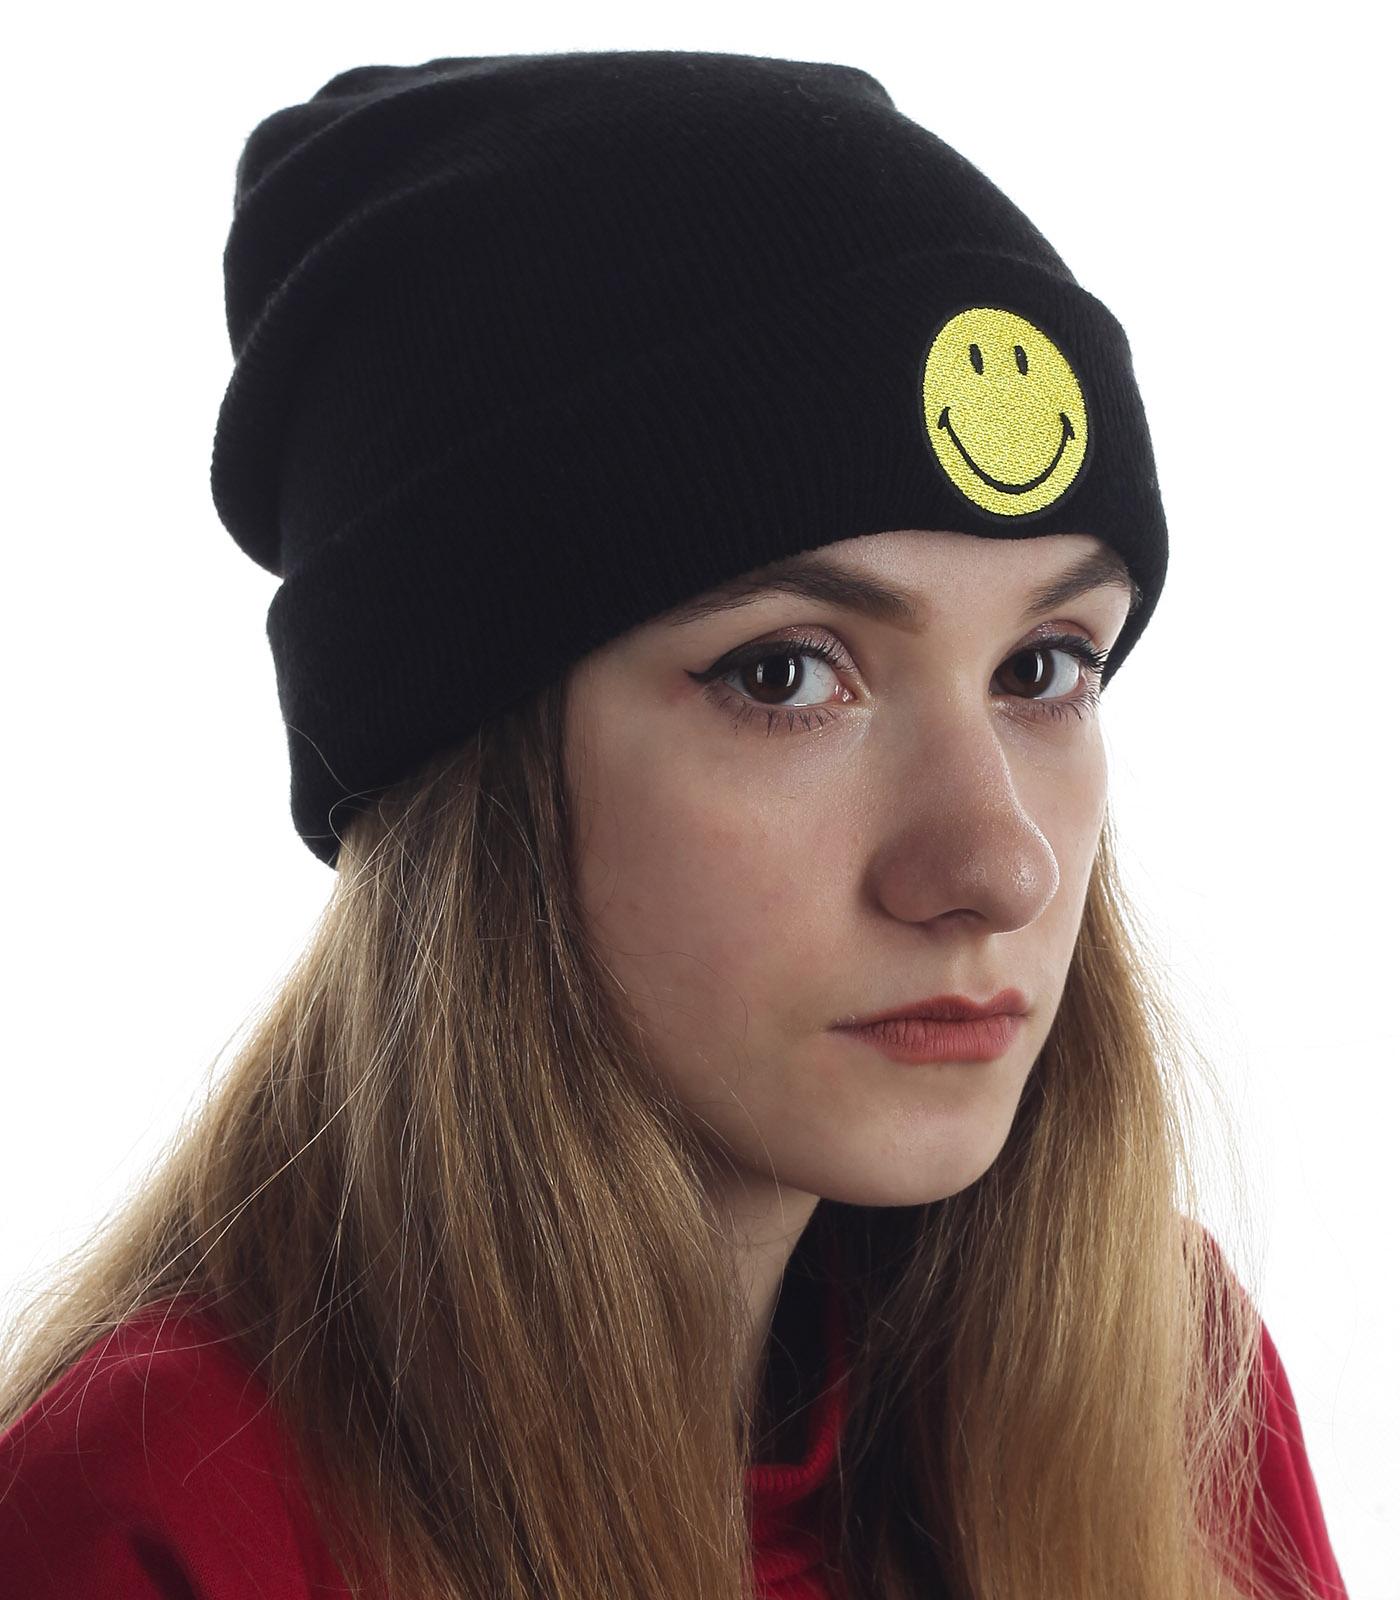 Мега-позитивная и модная женская шапочка. Модный фасон, яркий веселый смайлик. Модель что надо!